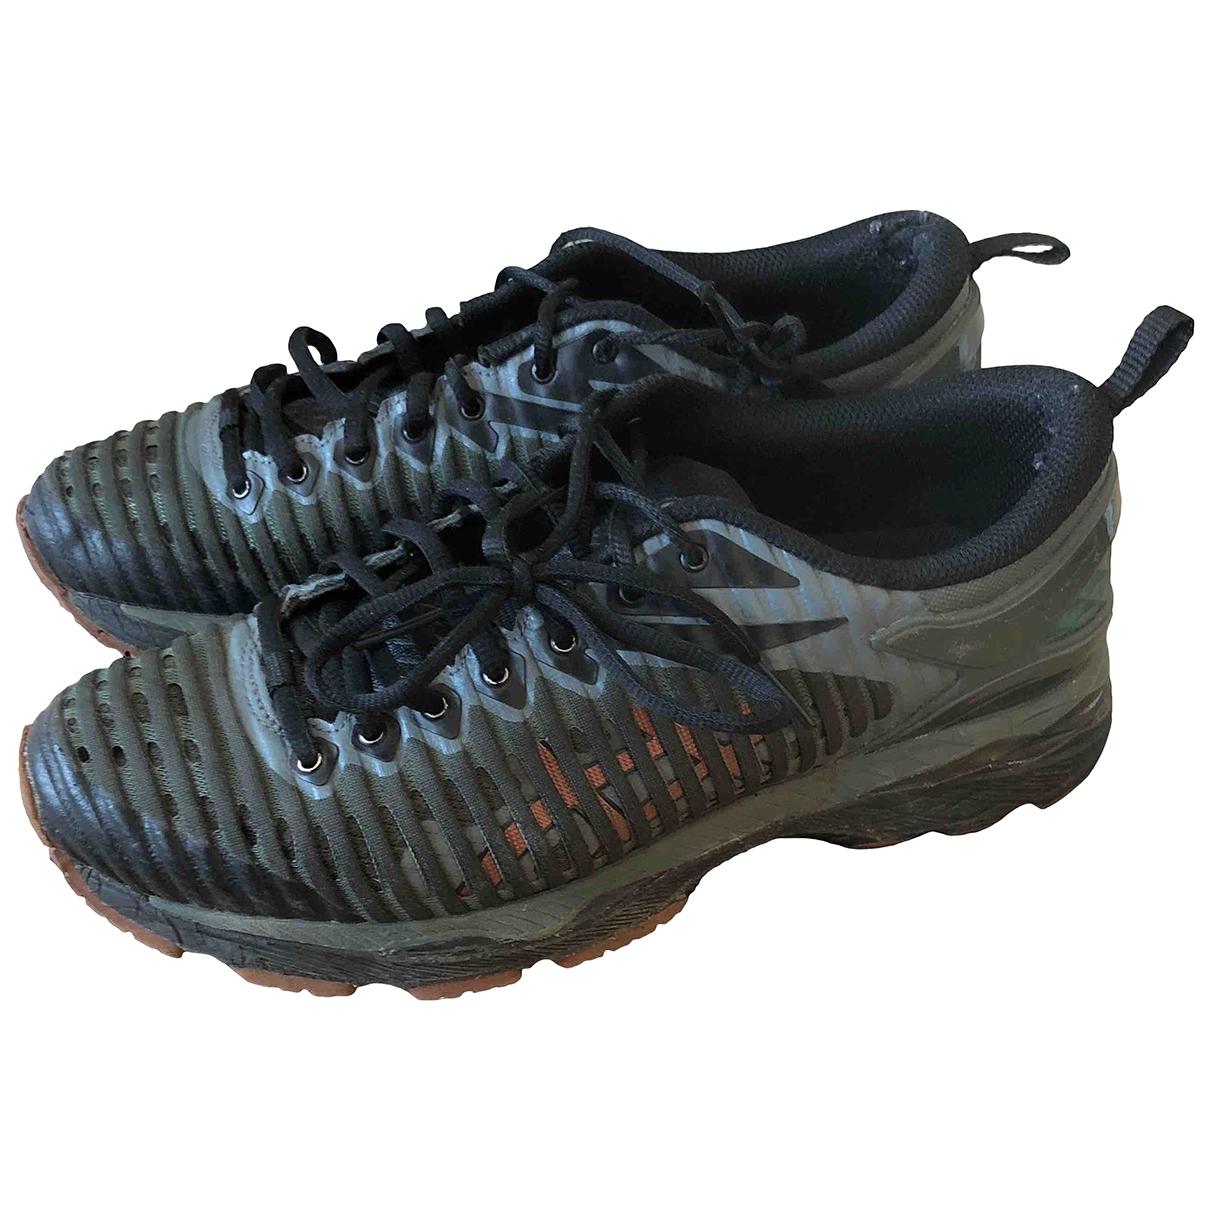 Asics X Kiko Kostadinov \N Sneakers in  Gruen Leder